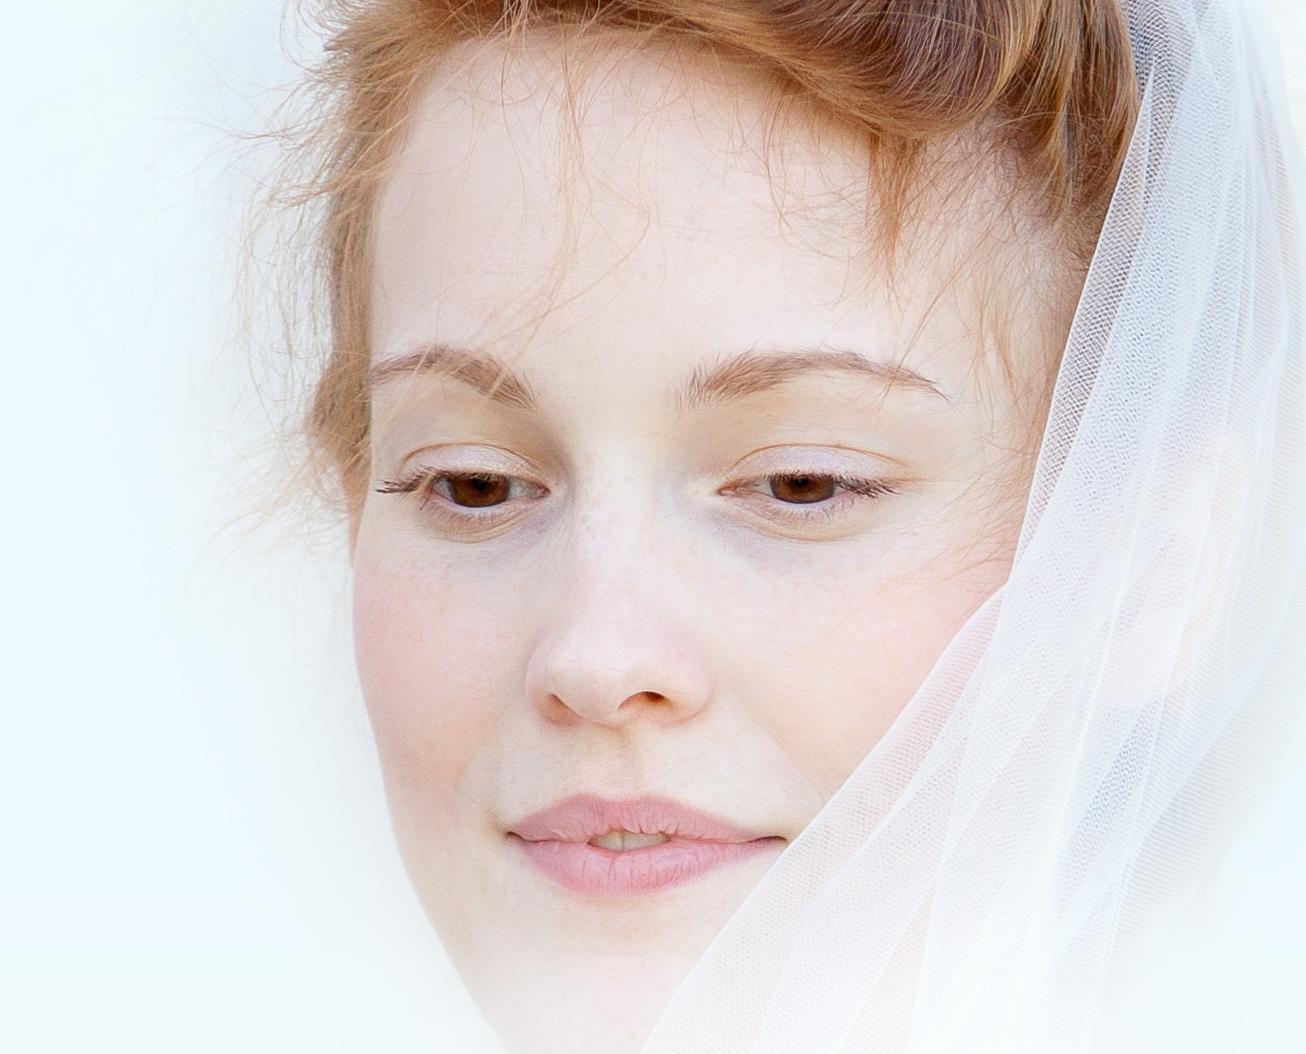 IMG_5623 Abby Face.jpg